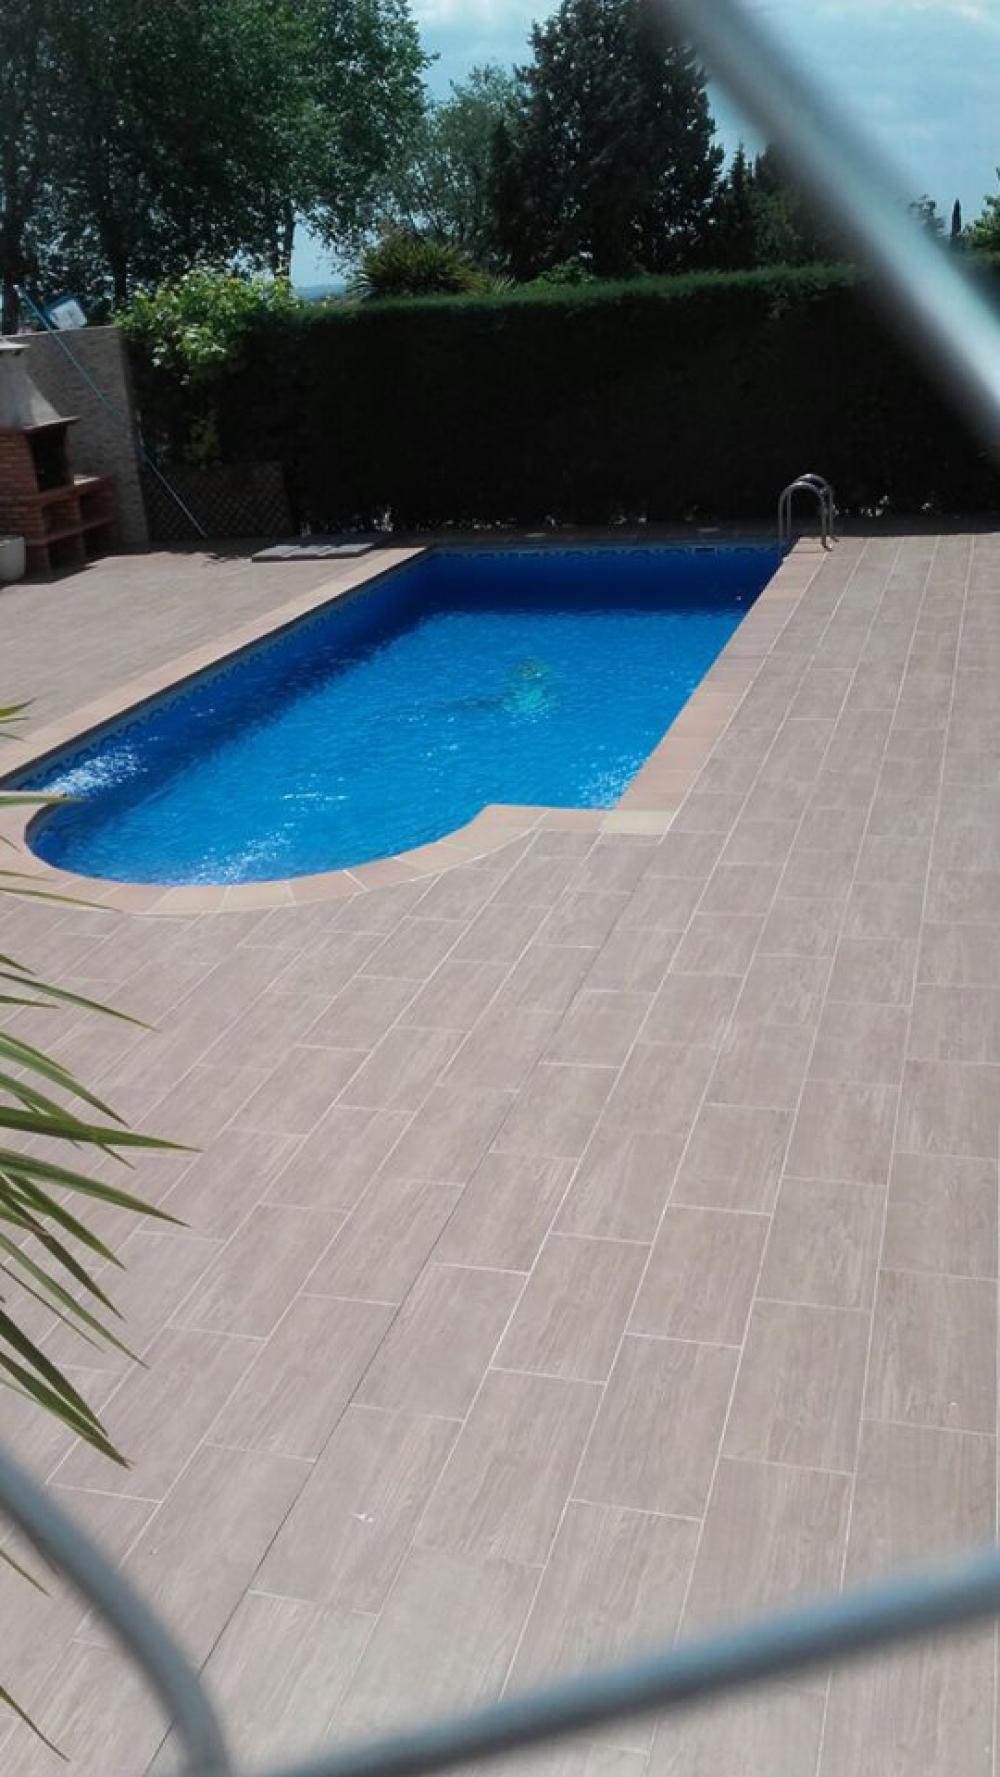 Piscinas r ul empresa de construcci n de piscinas de obra for Piscinas norte